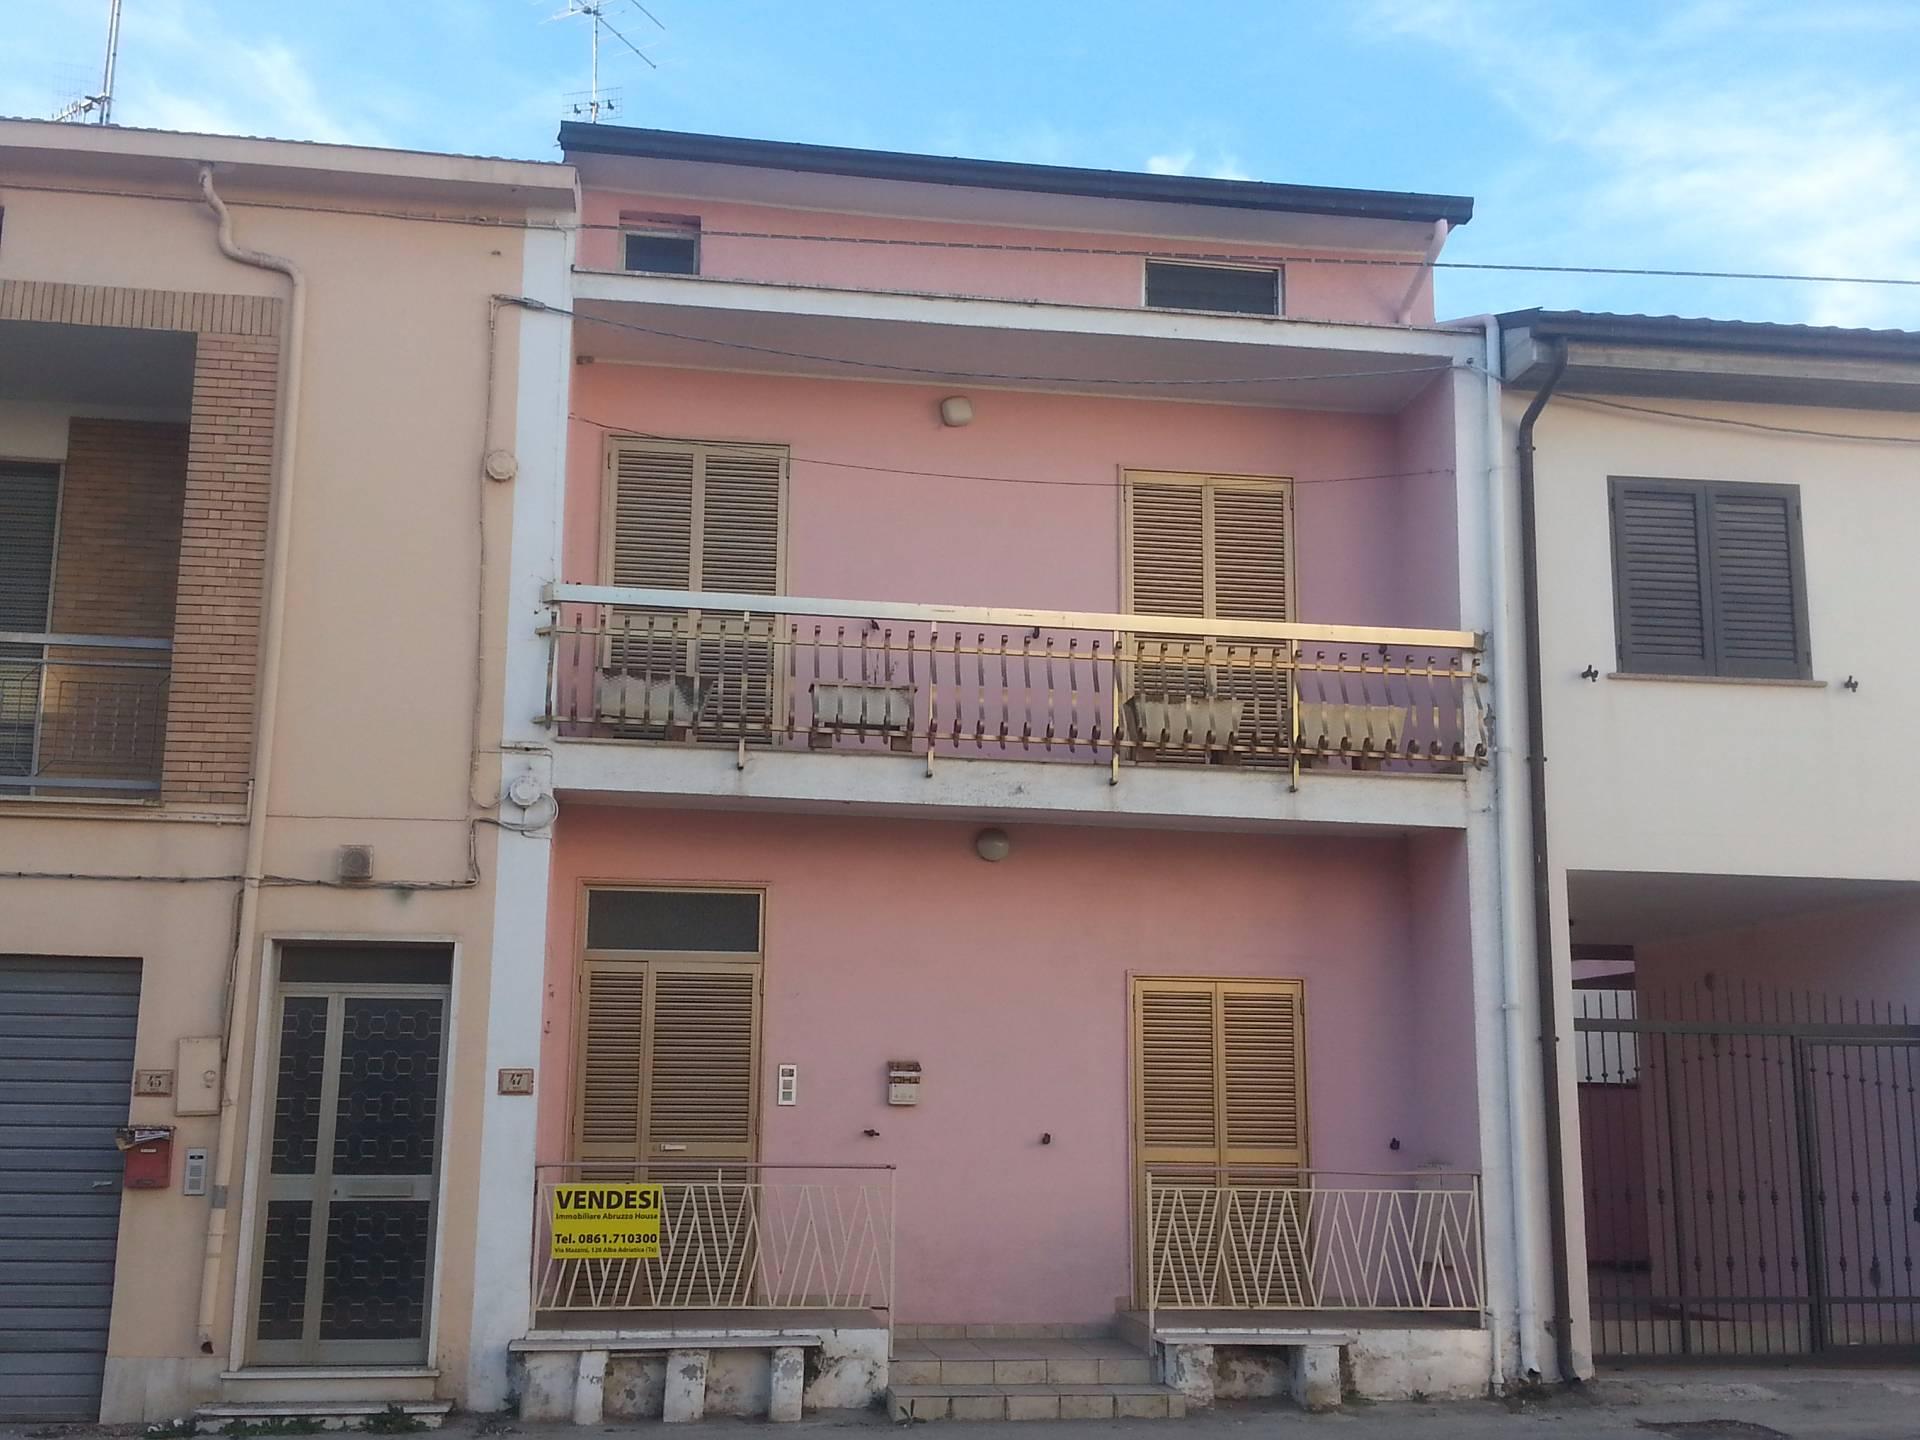 Soluzione Indipendente in vendita a Alba Adriatica, 8 locali, zona Località: ZonaMare, prezzo € 119.000 | Cambio Casa.it